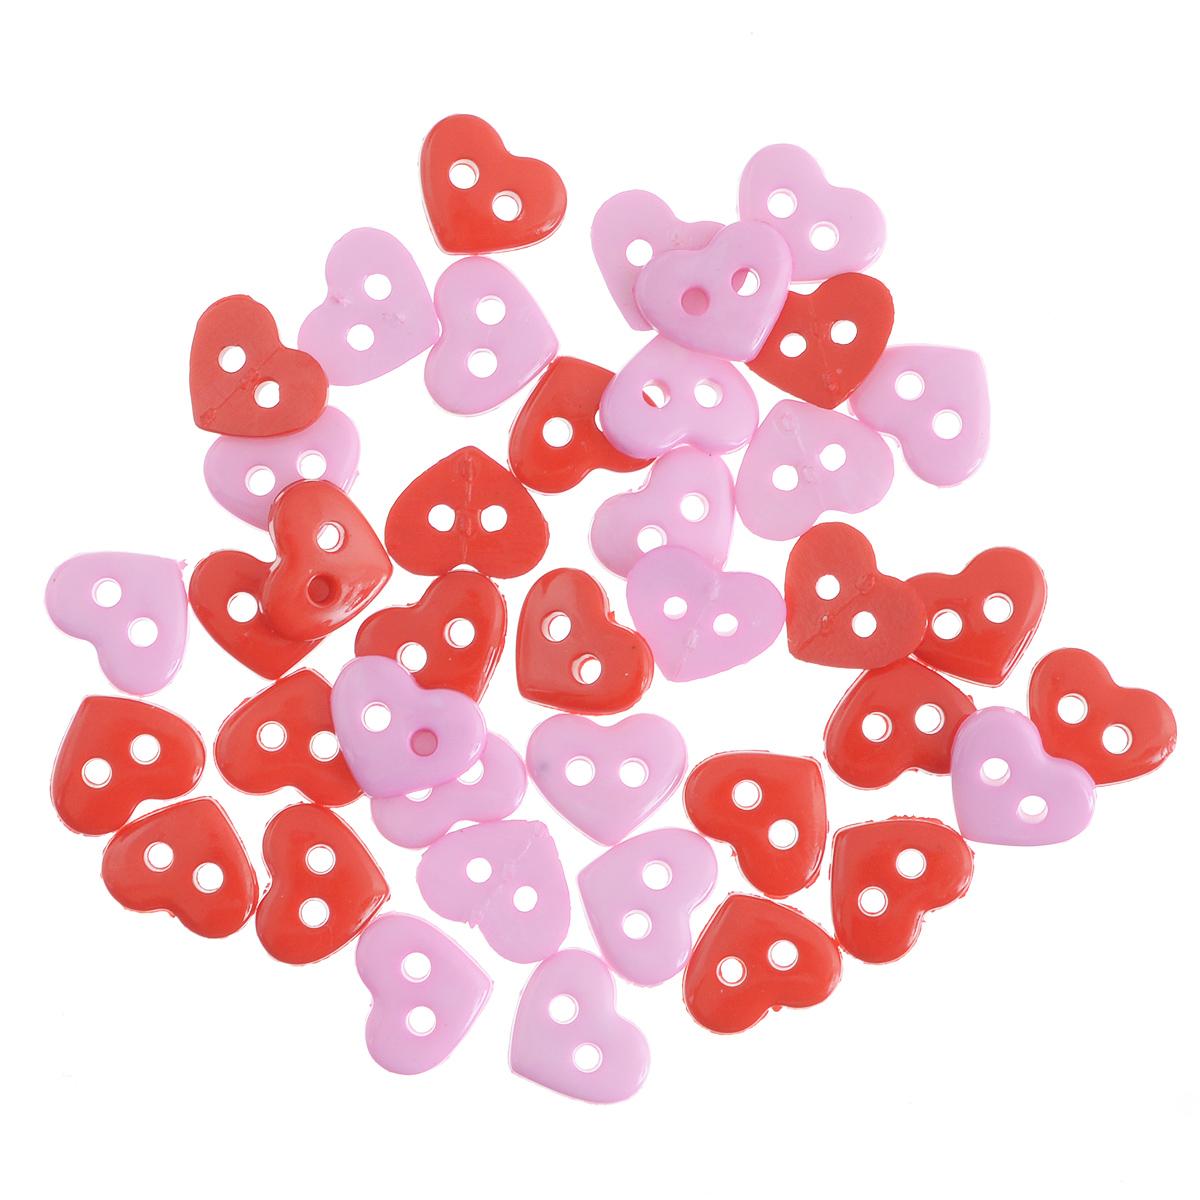 Пуговицы декоративные Buttons Galore & More Tiny Buttons, цвет: красный, розовый, 6 мм х 7 мм, 50 шт7705845Набор Buttons Galore & More Tiny Buttons состоит из декоративных пуговиц в виде сердец, выполненных из пластика. Такие пуговицы подходят для любых видов творчества: скрапбукинга, декорирования, шитья, изготовления кукол, а также для оформления одежды. С их помощью вы сможете украсить открытку, фотографию, альбом, подарок и другие предметы ручной работы. Пуговицы имеют оригинальный и яркий дизайн. Размер пуговицы: 6 мм х 7 мм.